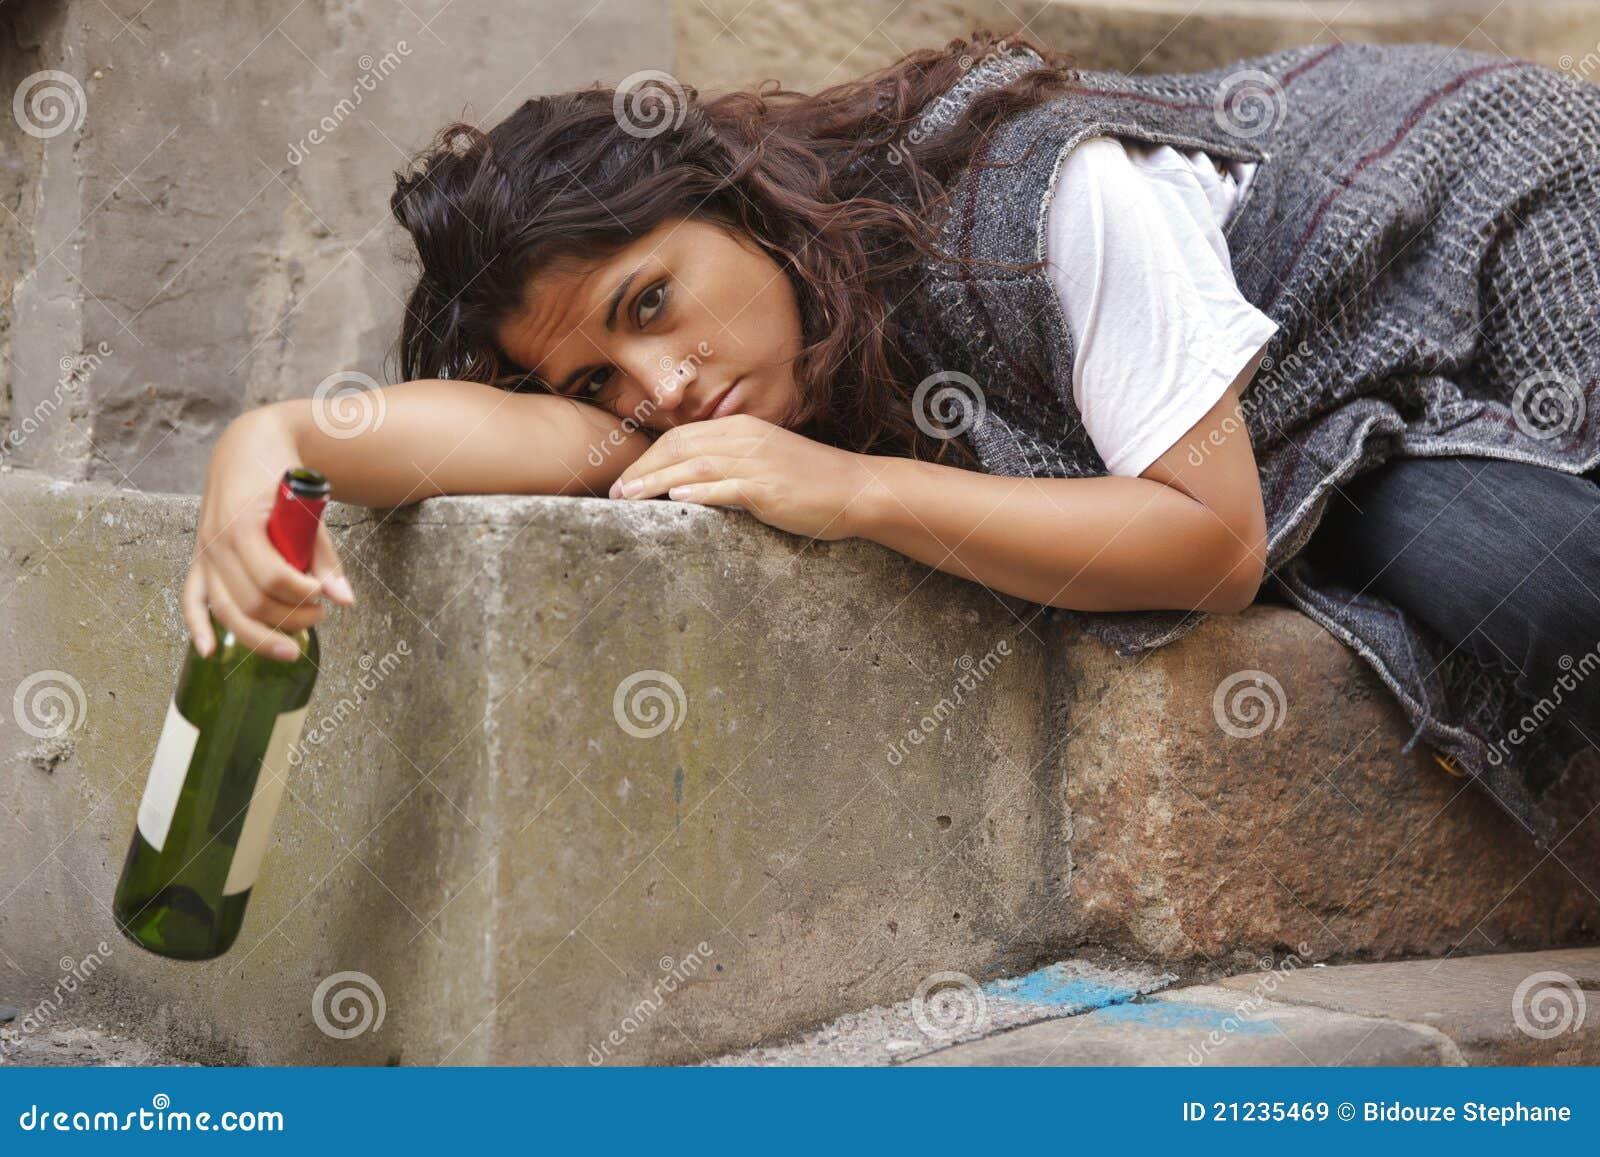 Пьяная баба лежит на улице 3 фотография